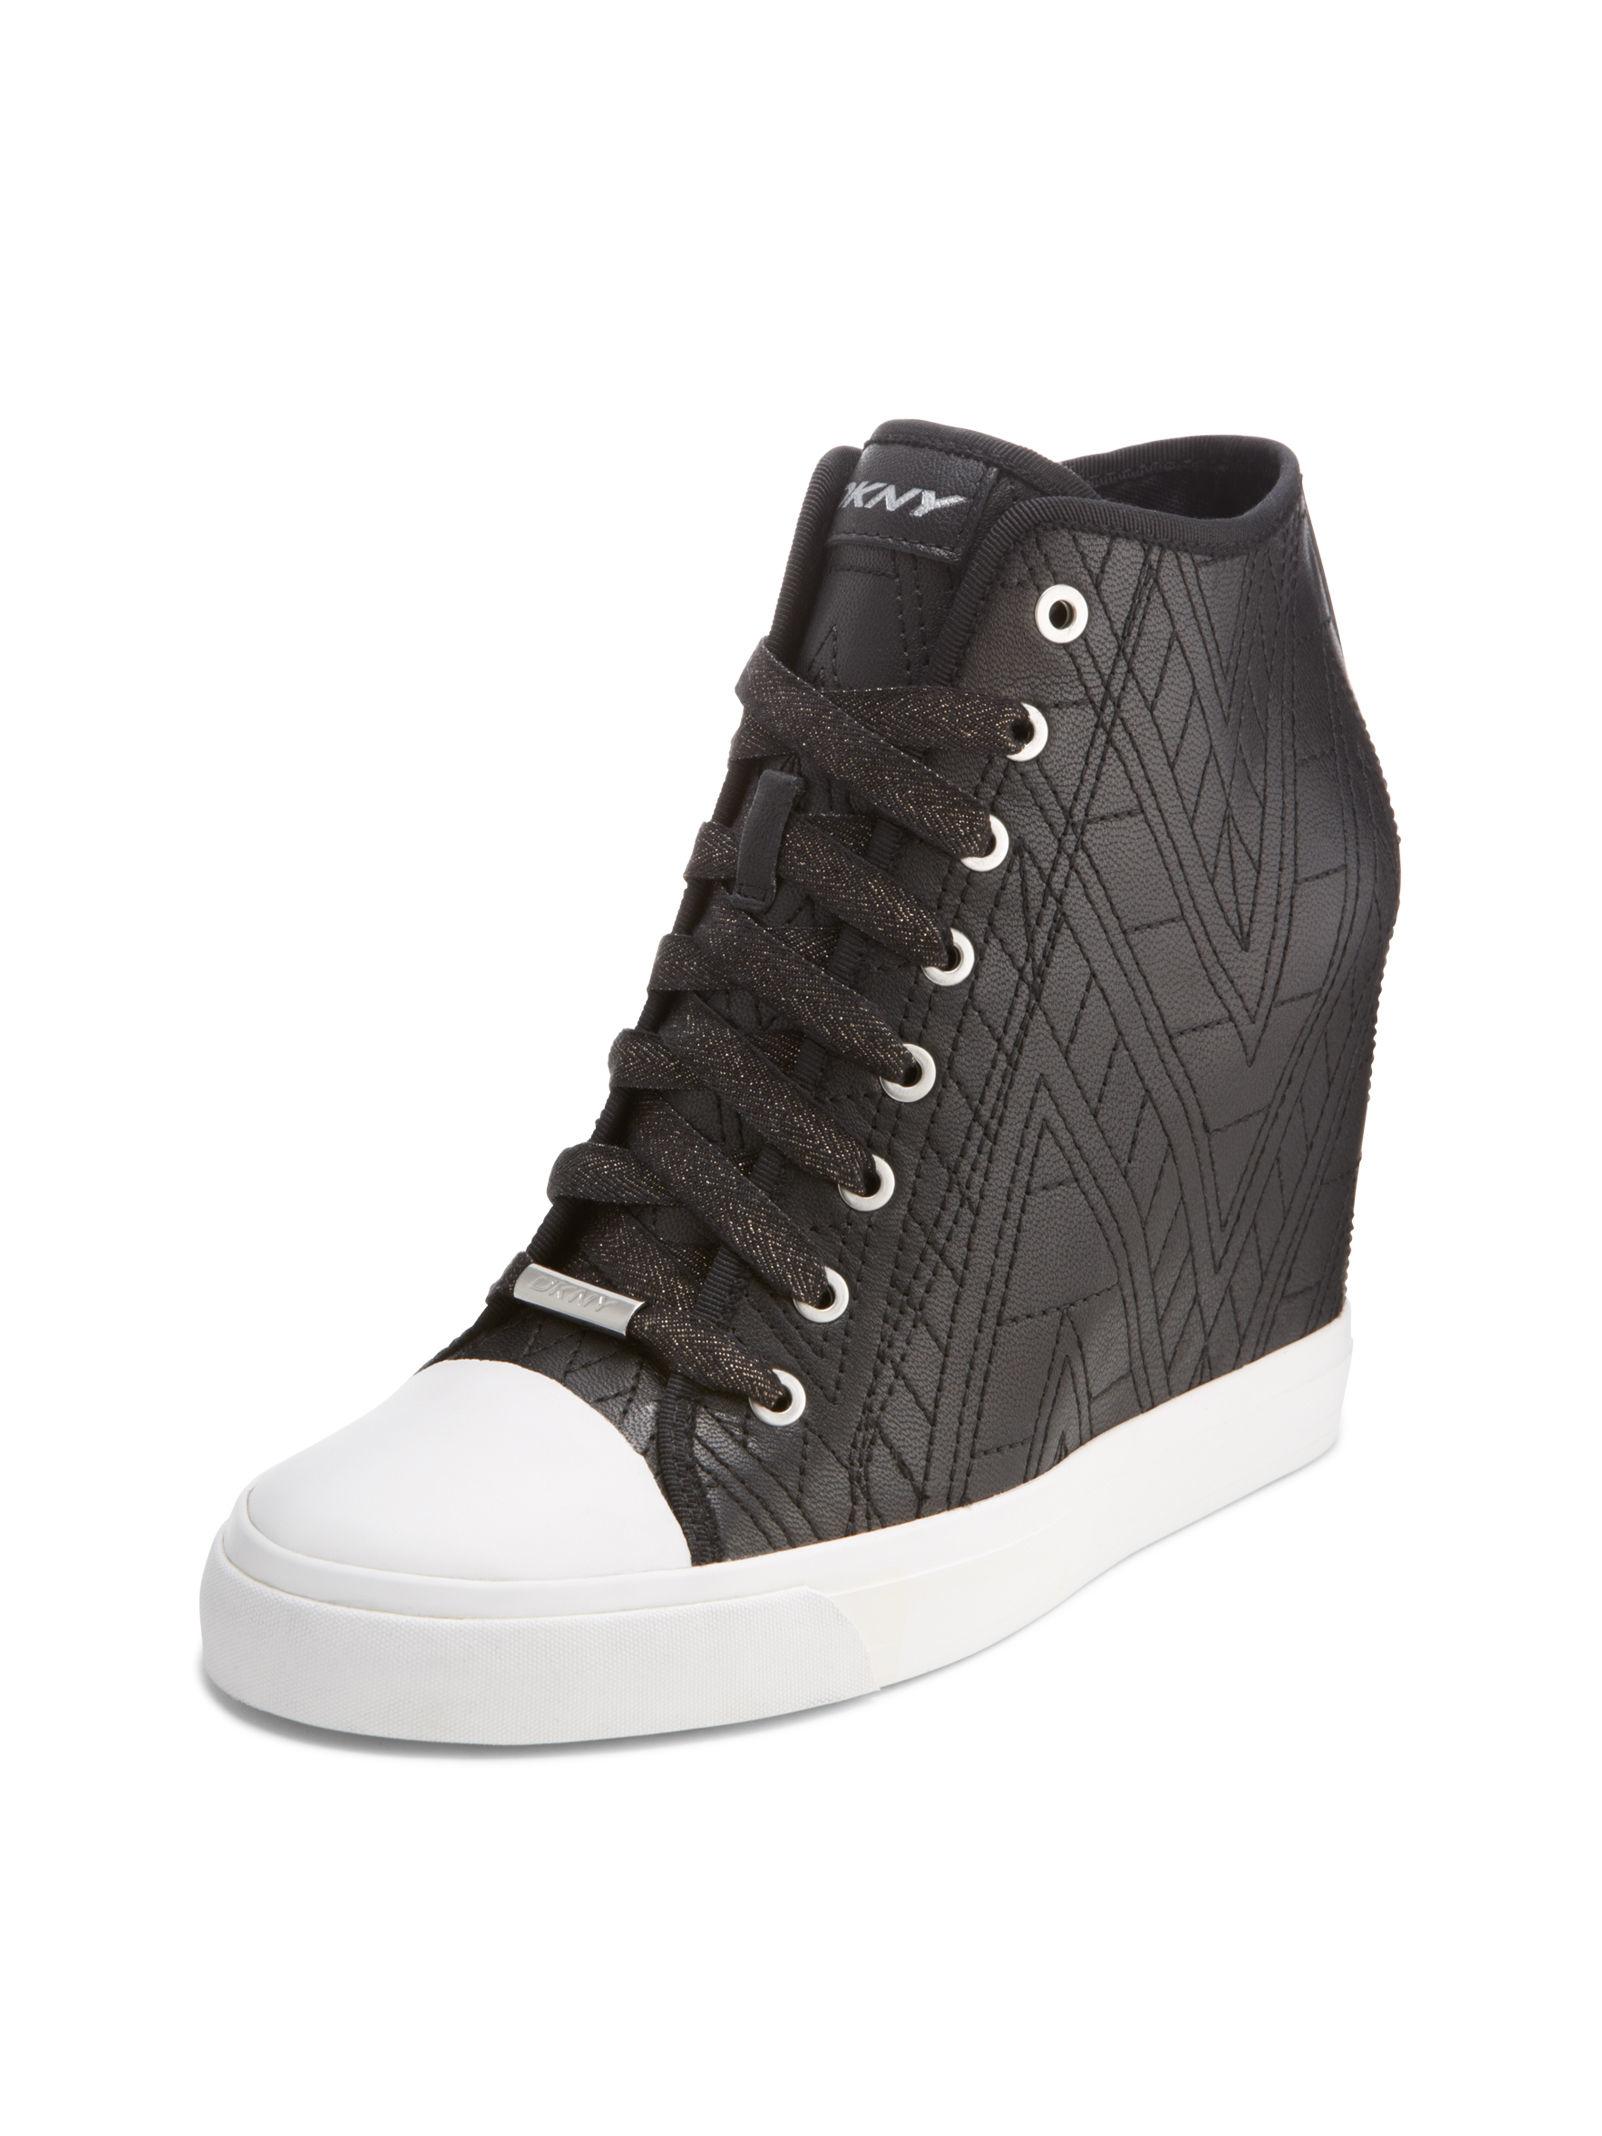 0c7bebd6394a Lyst Zip Sneaker In Black Wedge Grommet Dkny r4wqxUzAEr